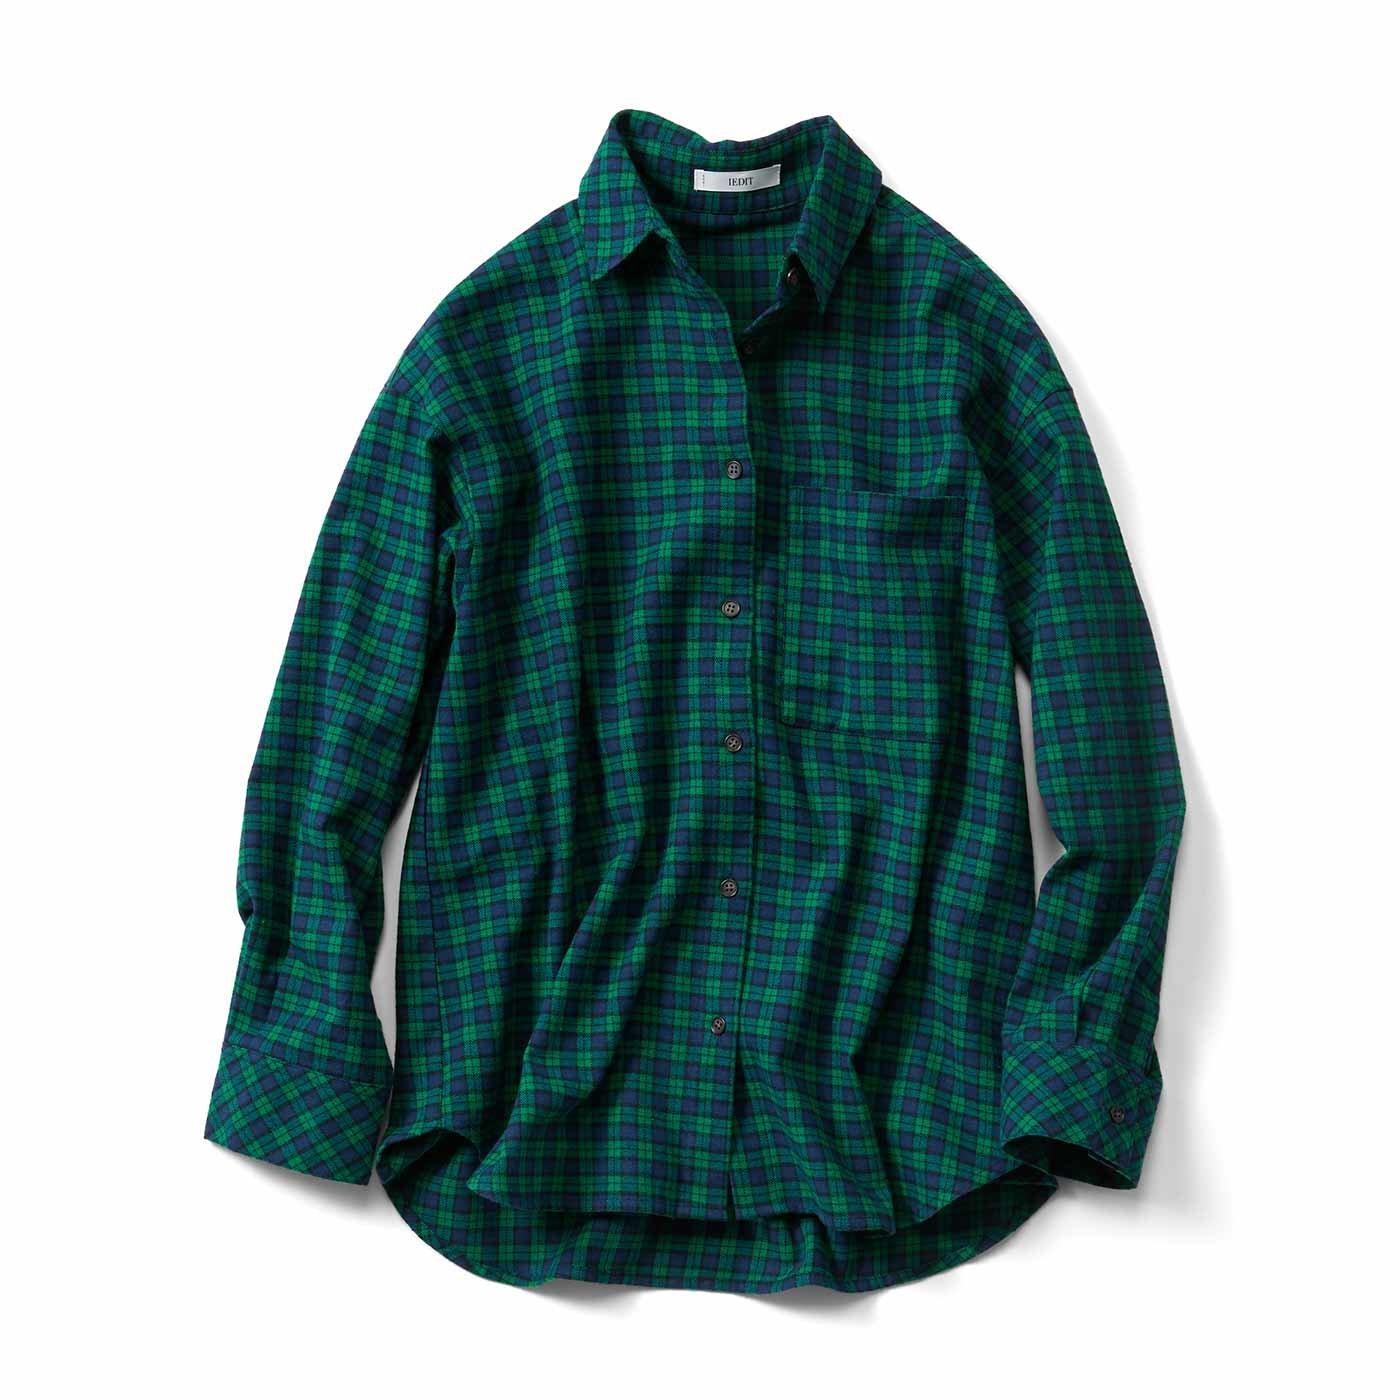 牧野紗弥さん×IEDIT[イディット] メンズライクシルエットのはおりにもなるチェックパターンシャツ〈グリーン〉